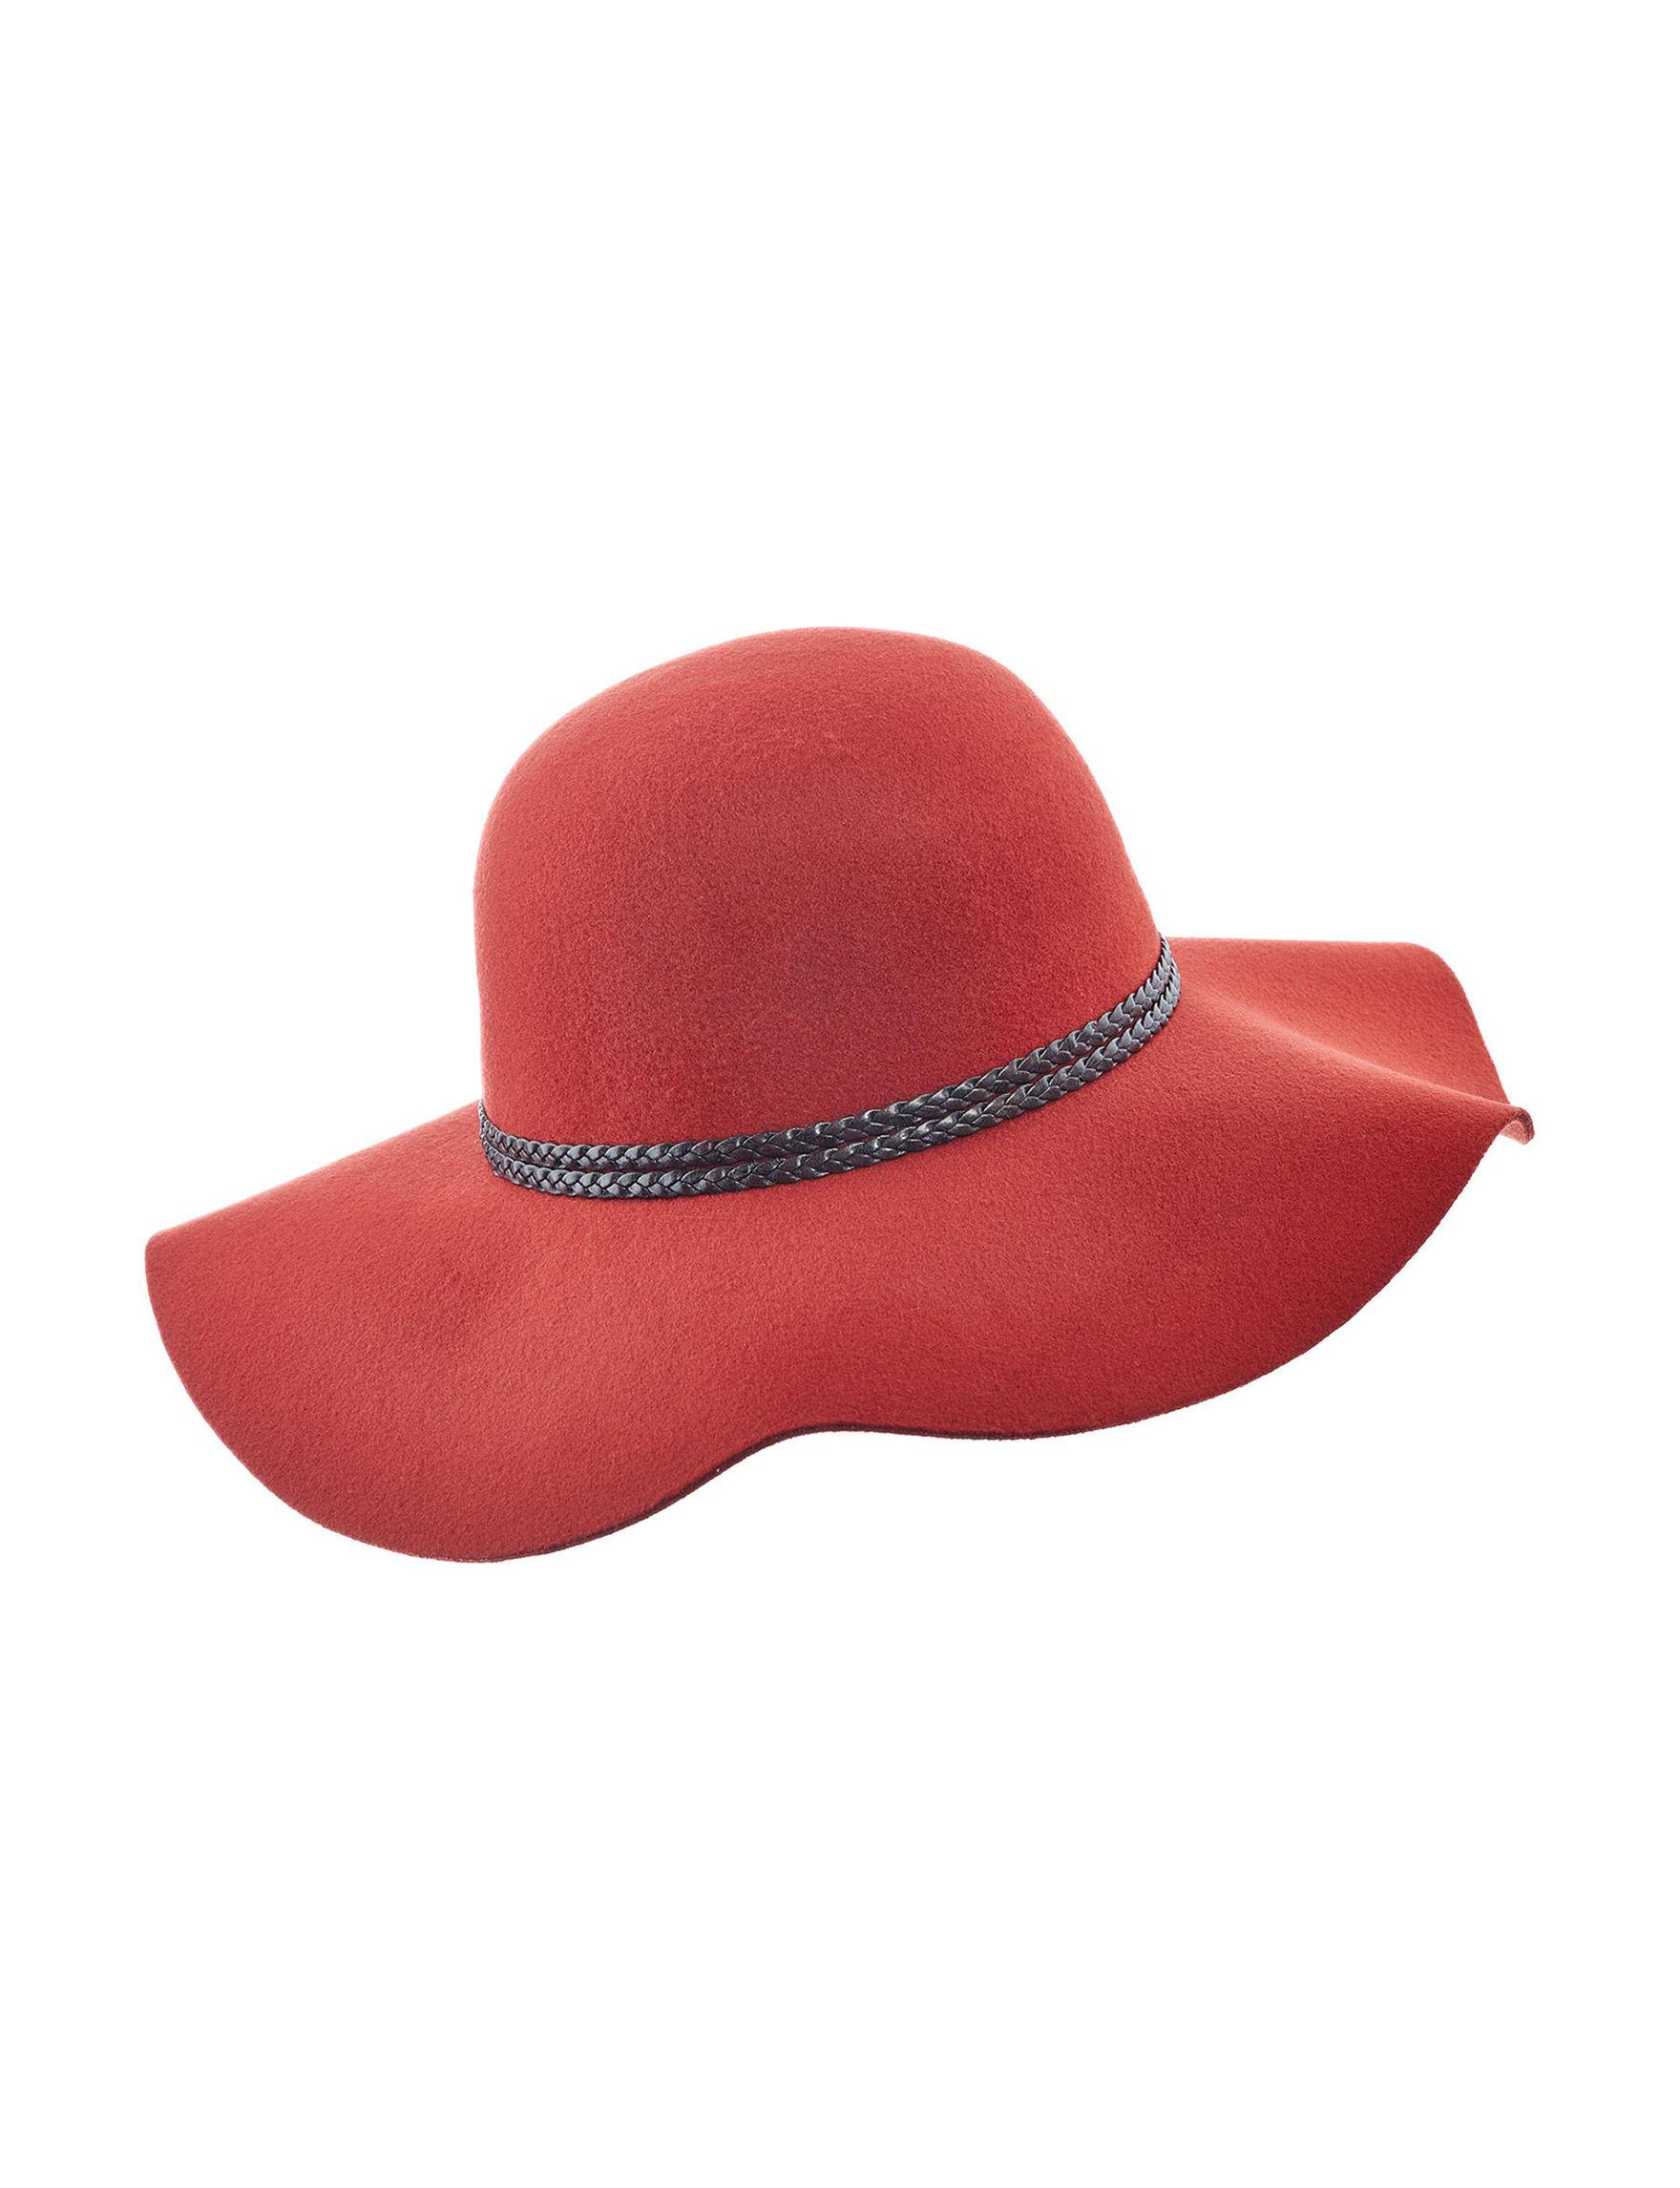 Scala Rust Hats & Headwear